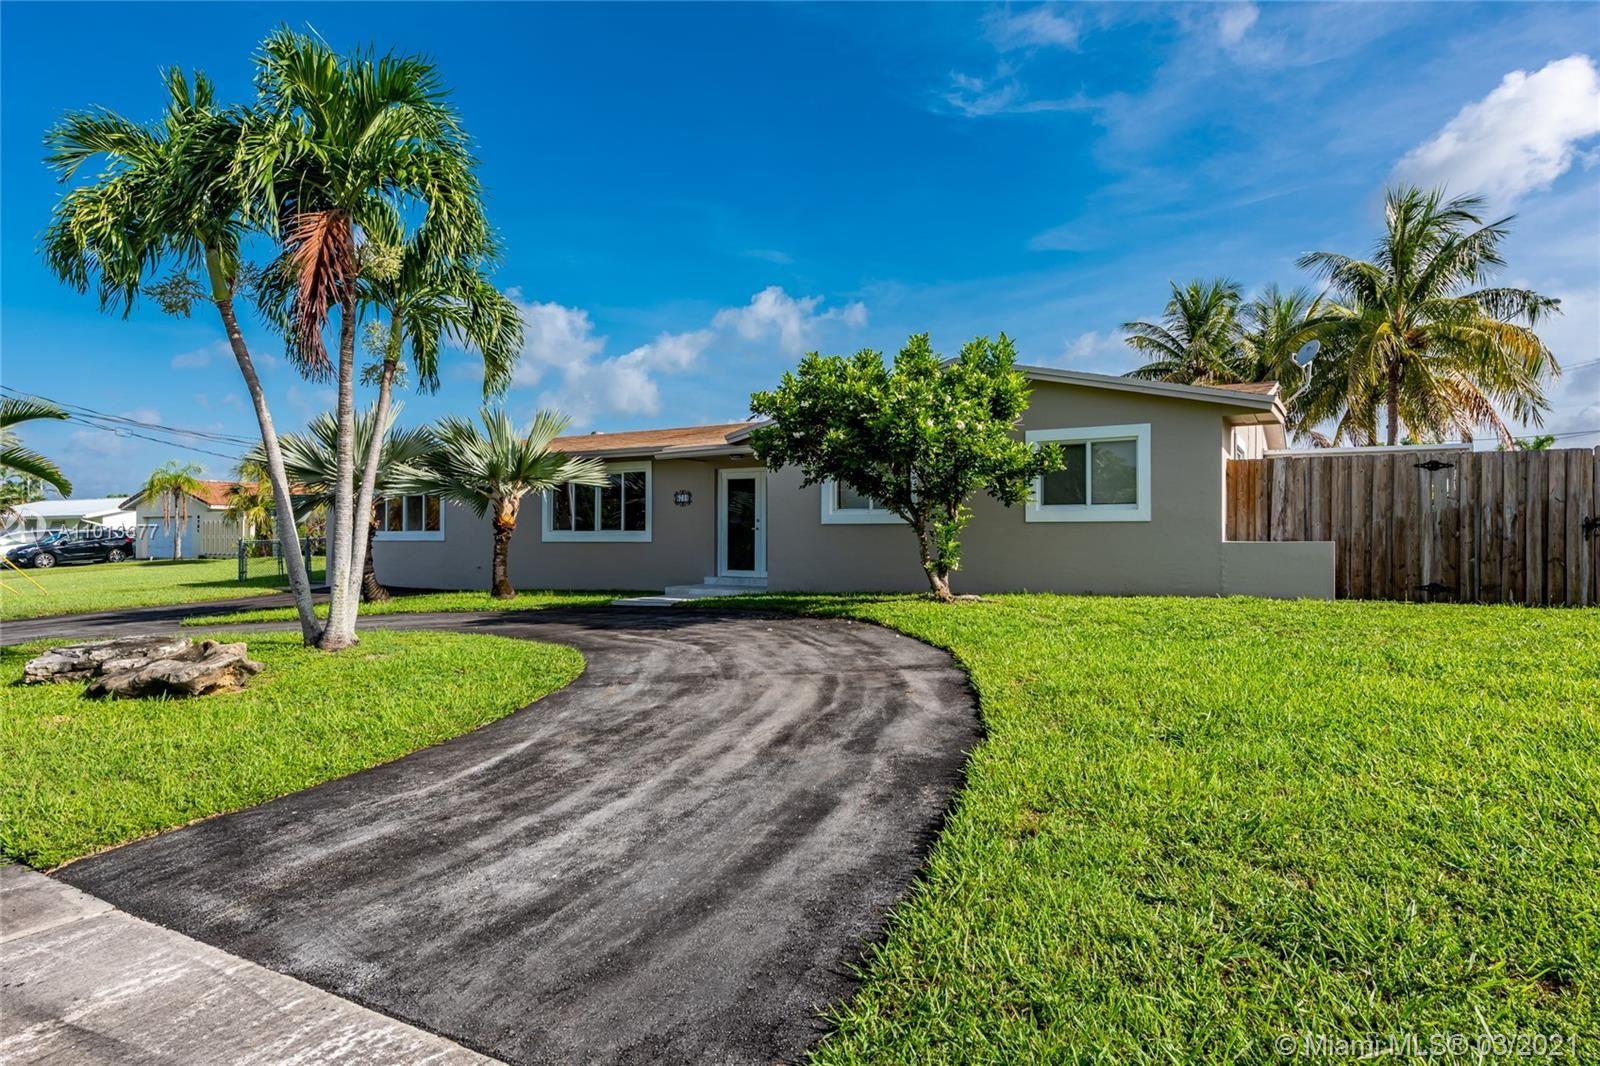 8711 SW 85th St, Miami, FL 33173 - #: A11013677